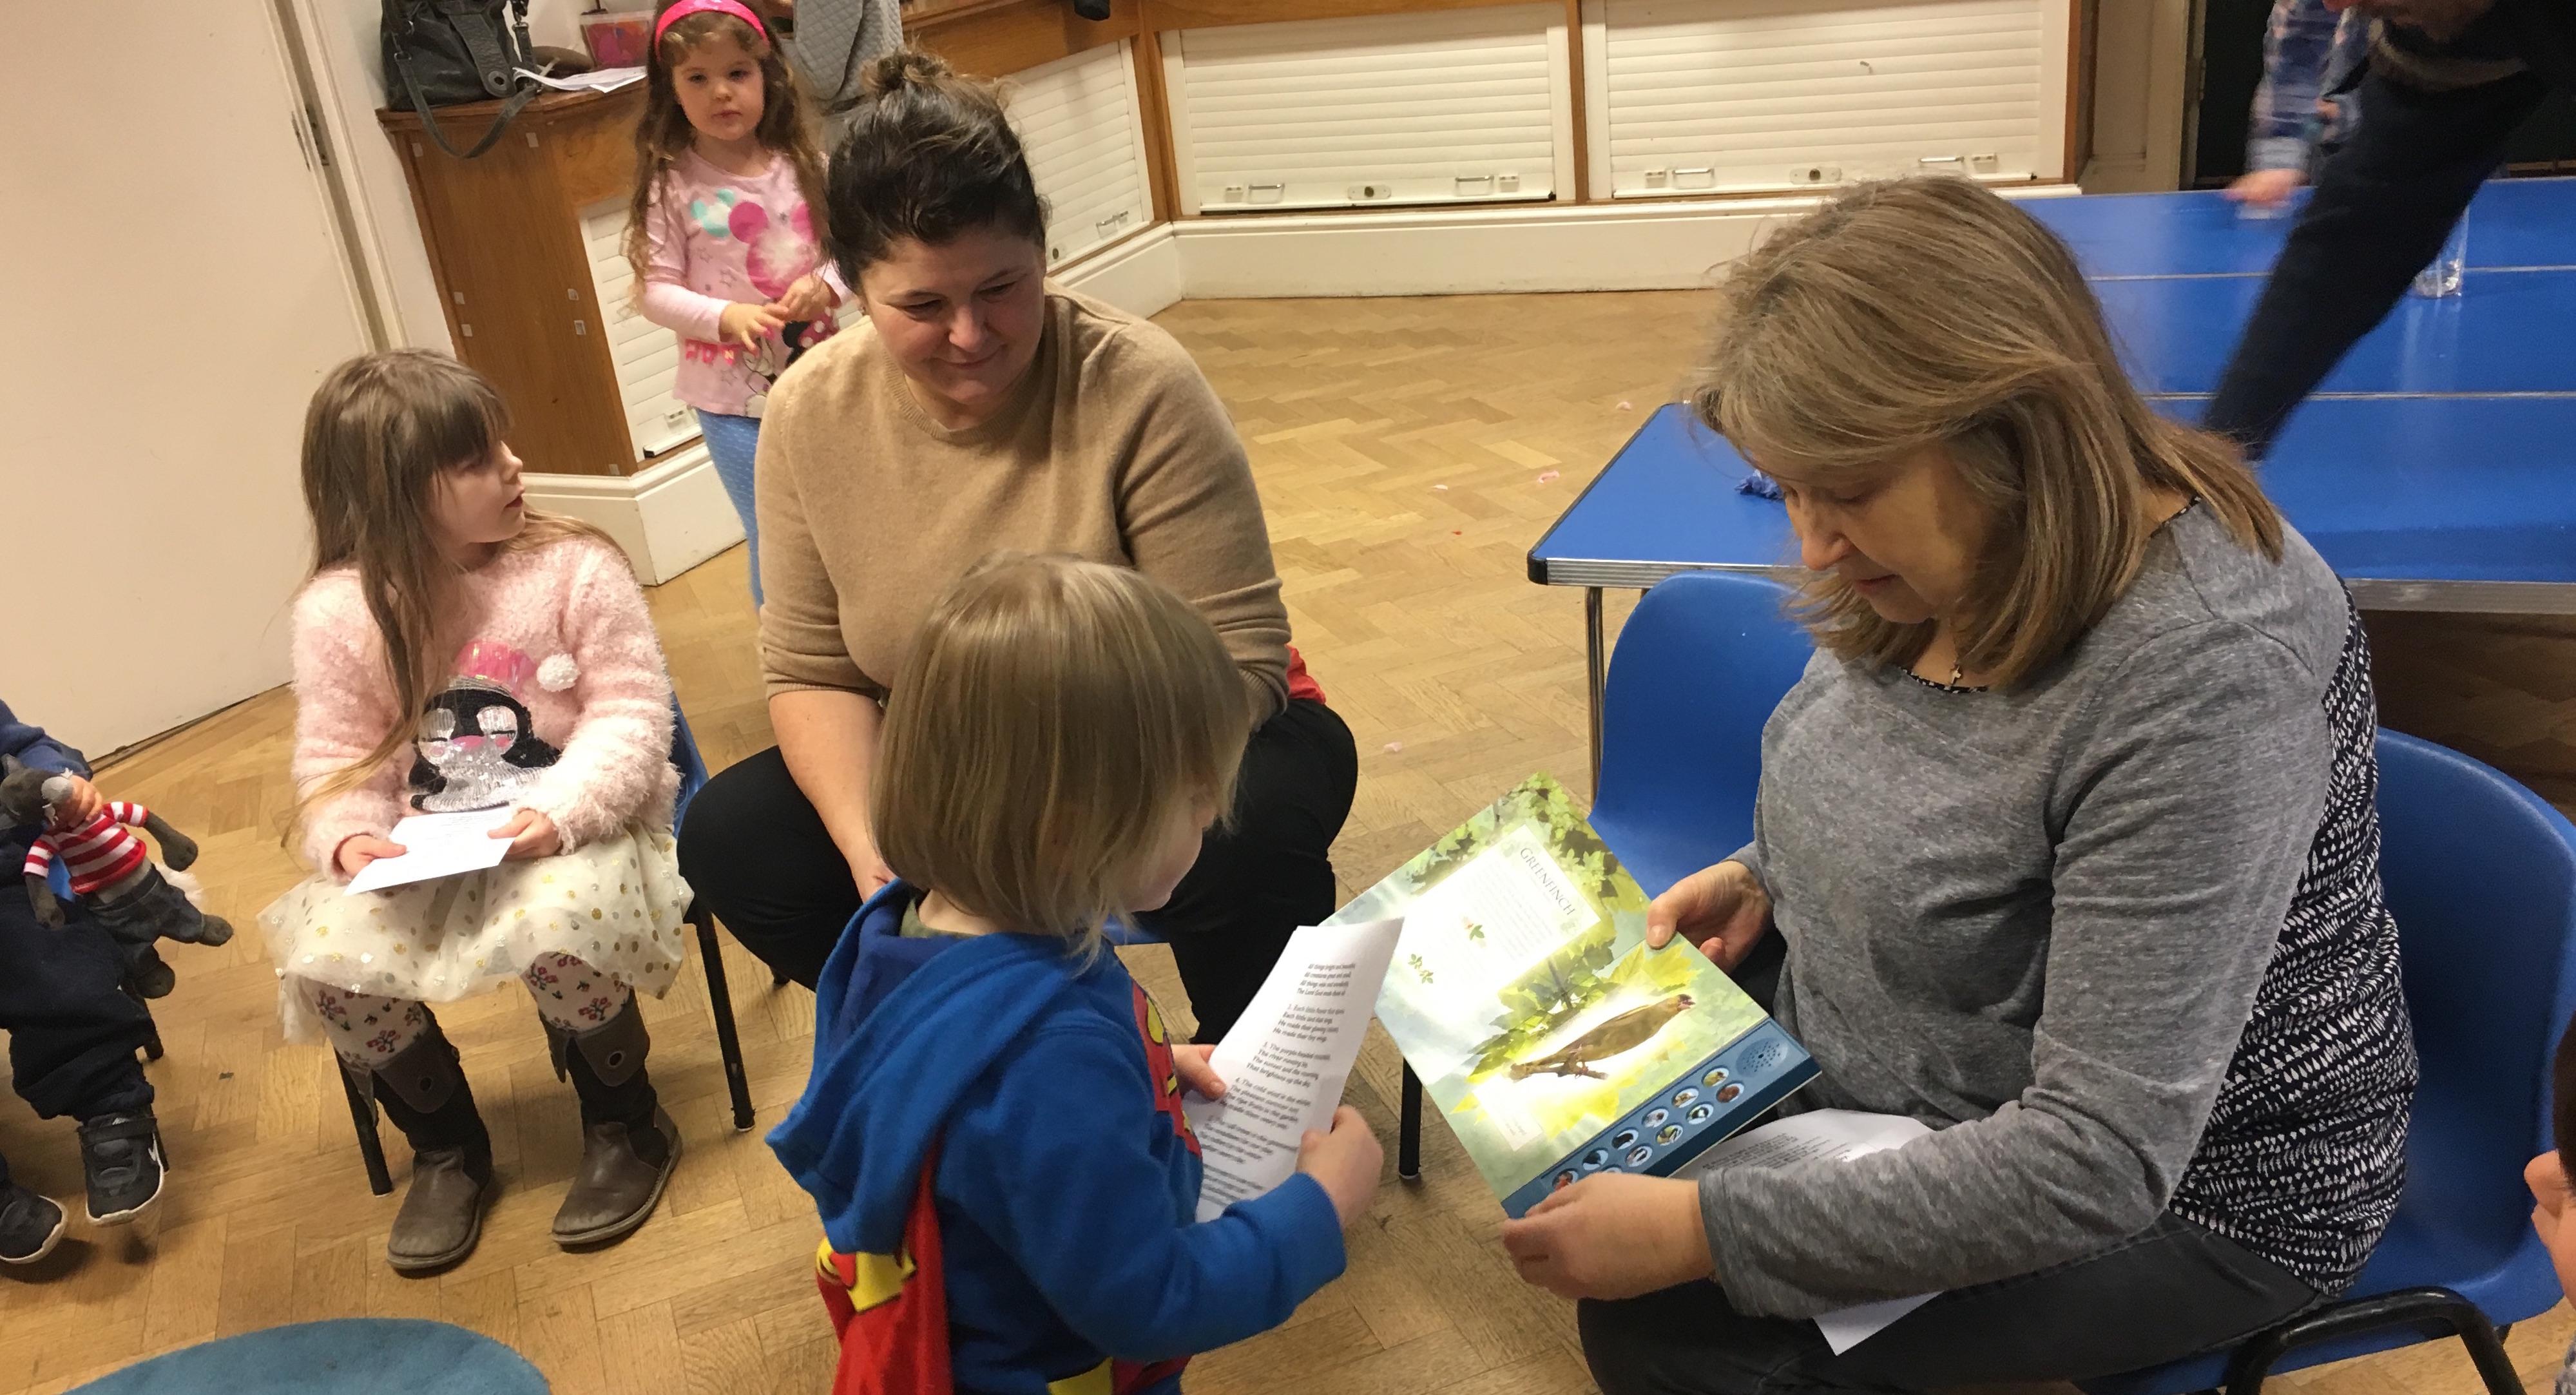 Creche Lizzie, Ros and children IMG_4618 crop3